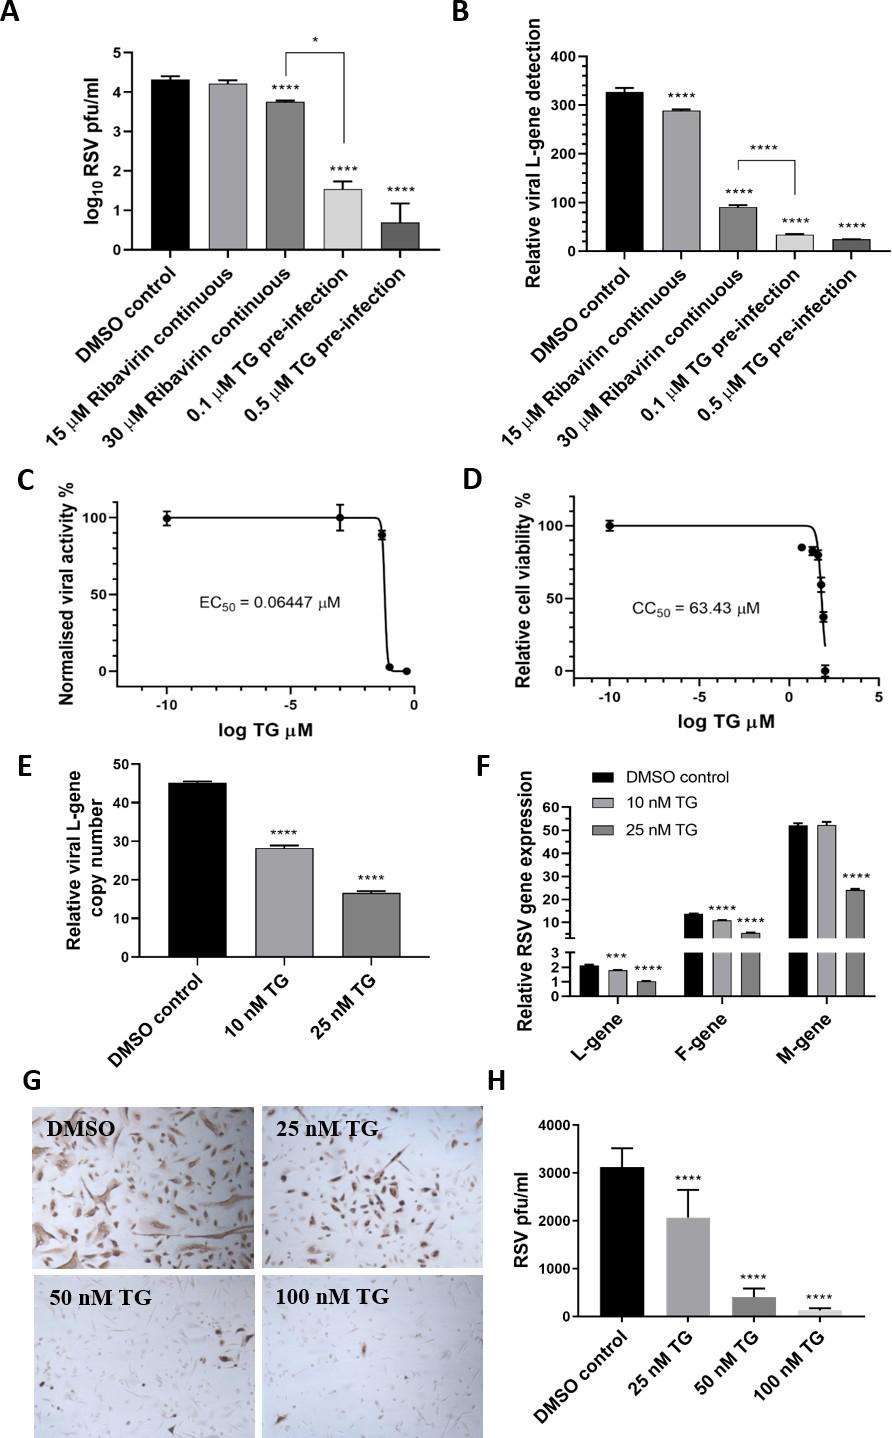 TG作为抗病毒药比利巴韦林更有效,显示出高选择性指数并阻止病毒转录和病毒蛋白产生。.png